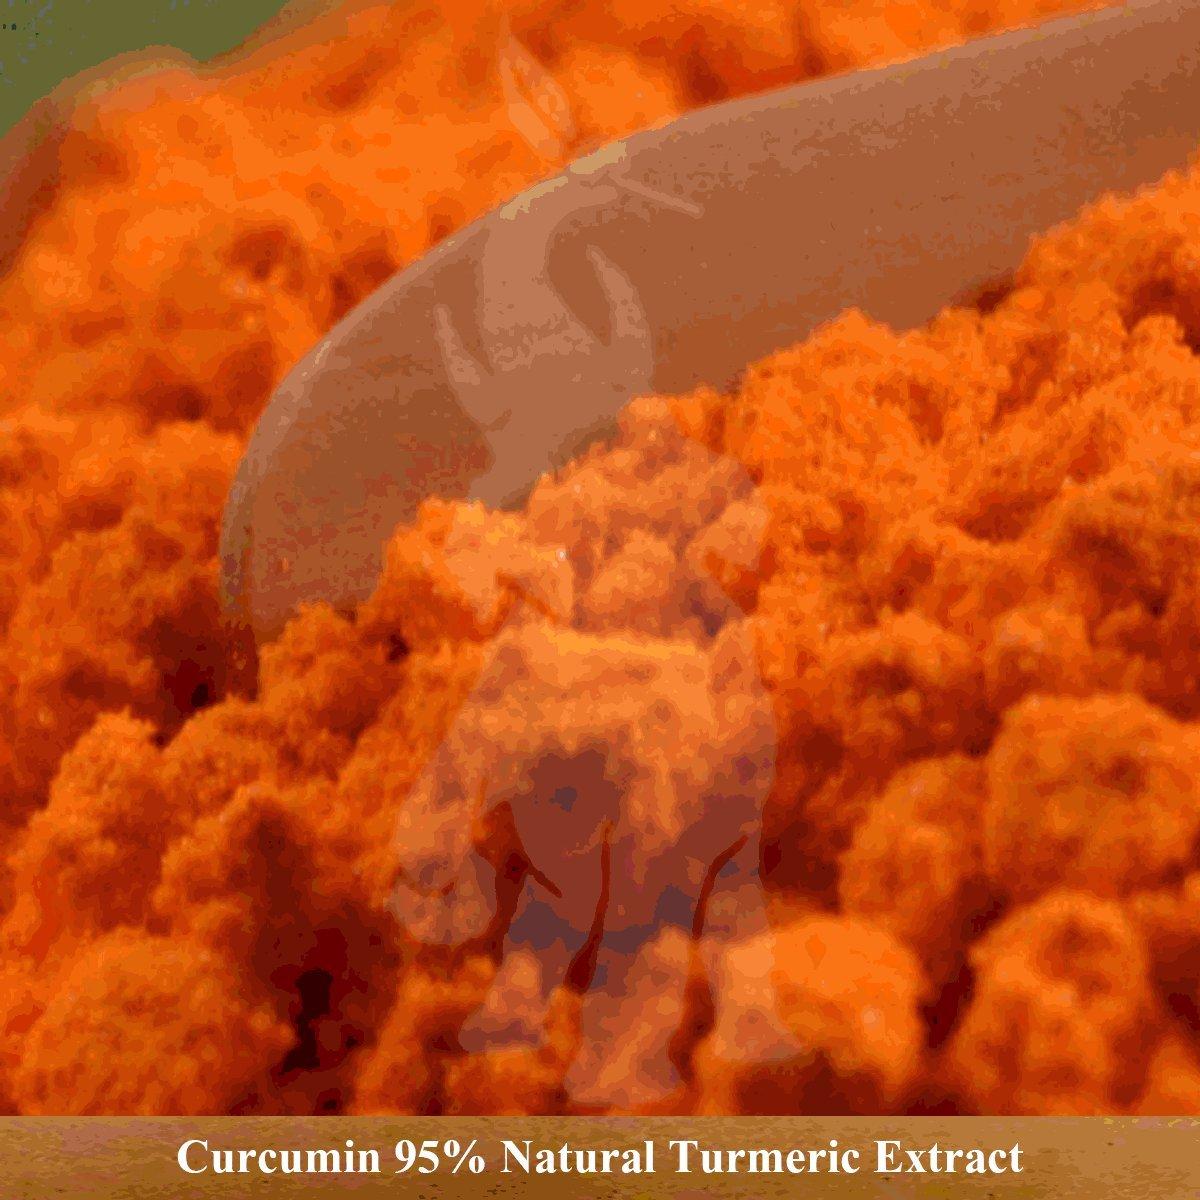 Turmeric Curcumin 95% Curcuminoids - Natural Turmeric Extract Powder, Anti-Inflammatory Supplement with 95% Standardized Curcuminoids (1 Kilogram (2.2 Lbs))